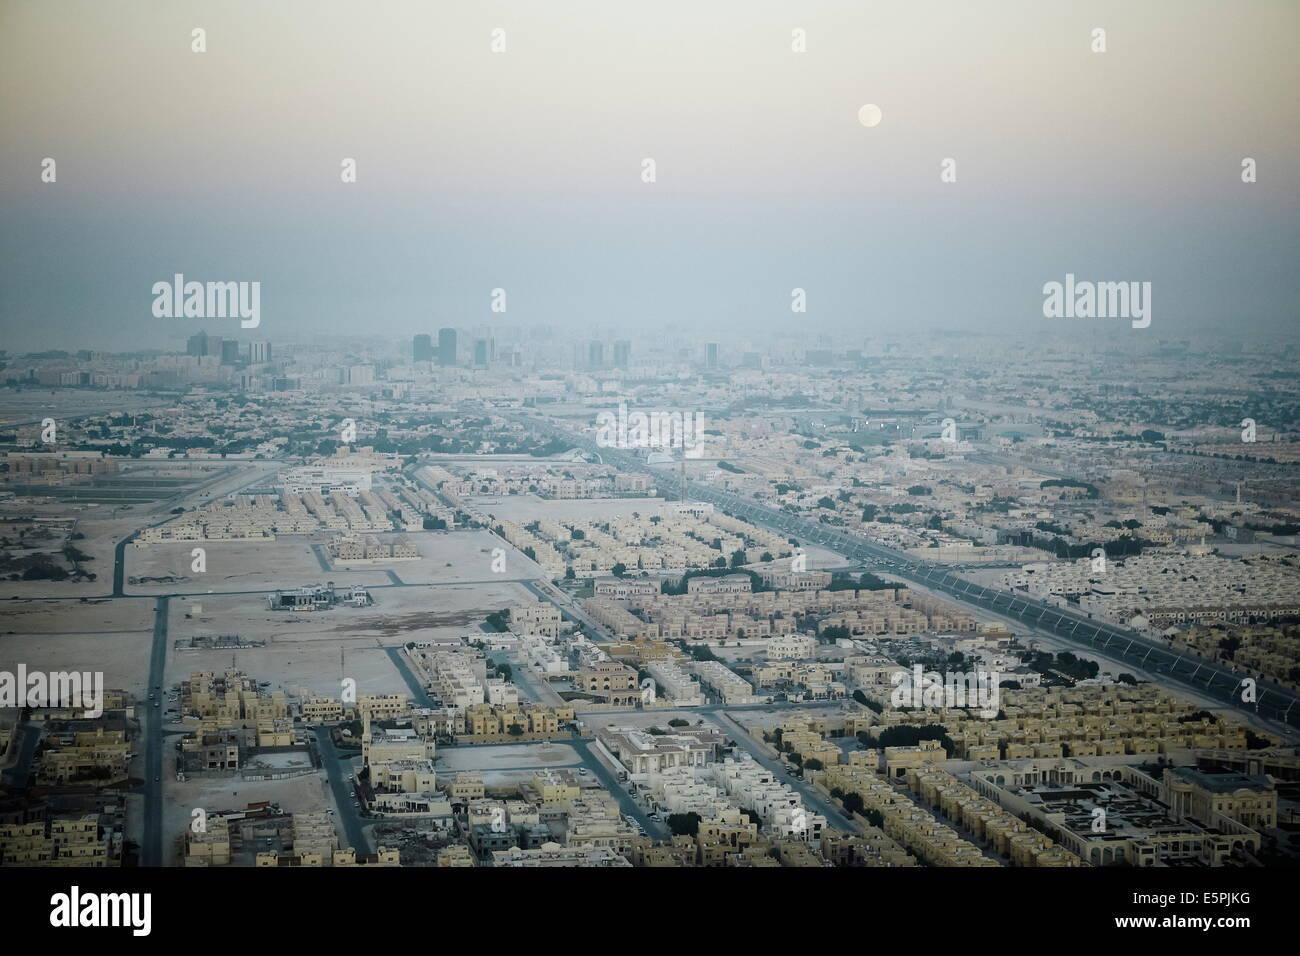 Vue aérienne de Doha du l'Aspire Tower plate-forme panoramique, Doha, Qatar, Moyen-Orient Banque D'Images